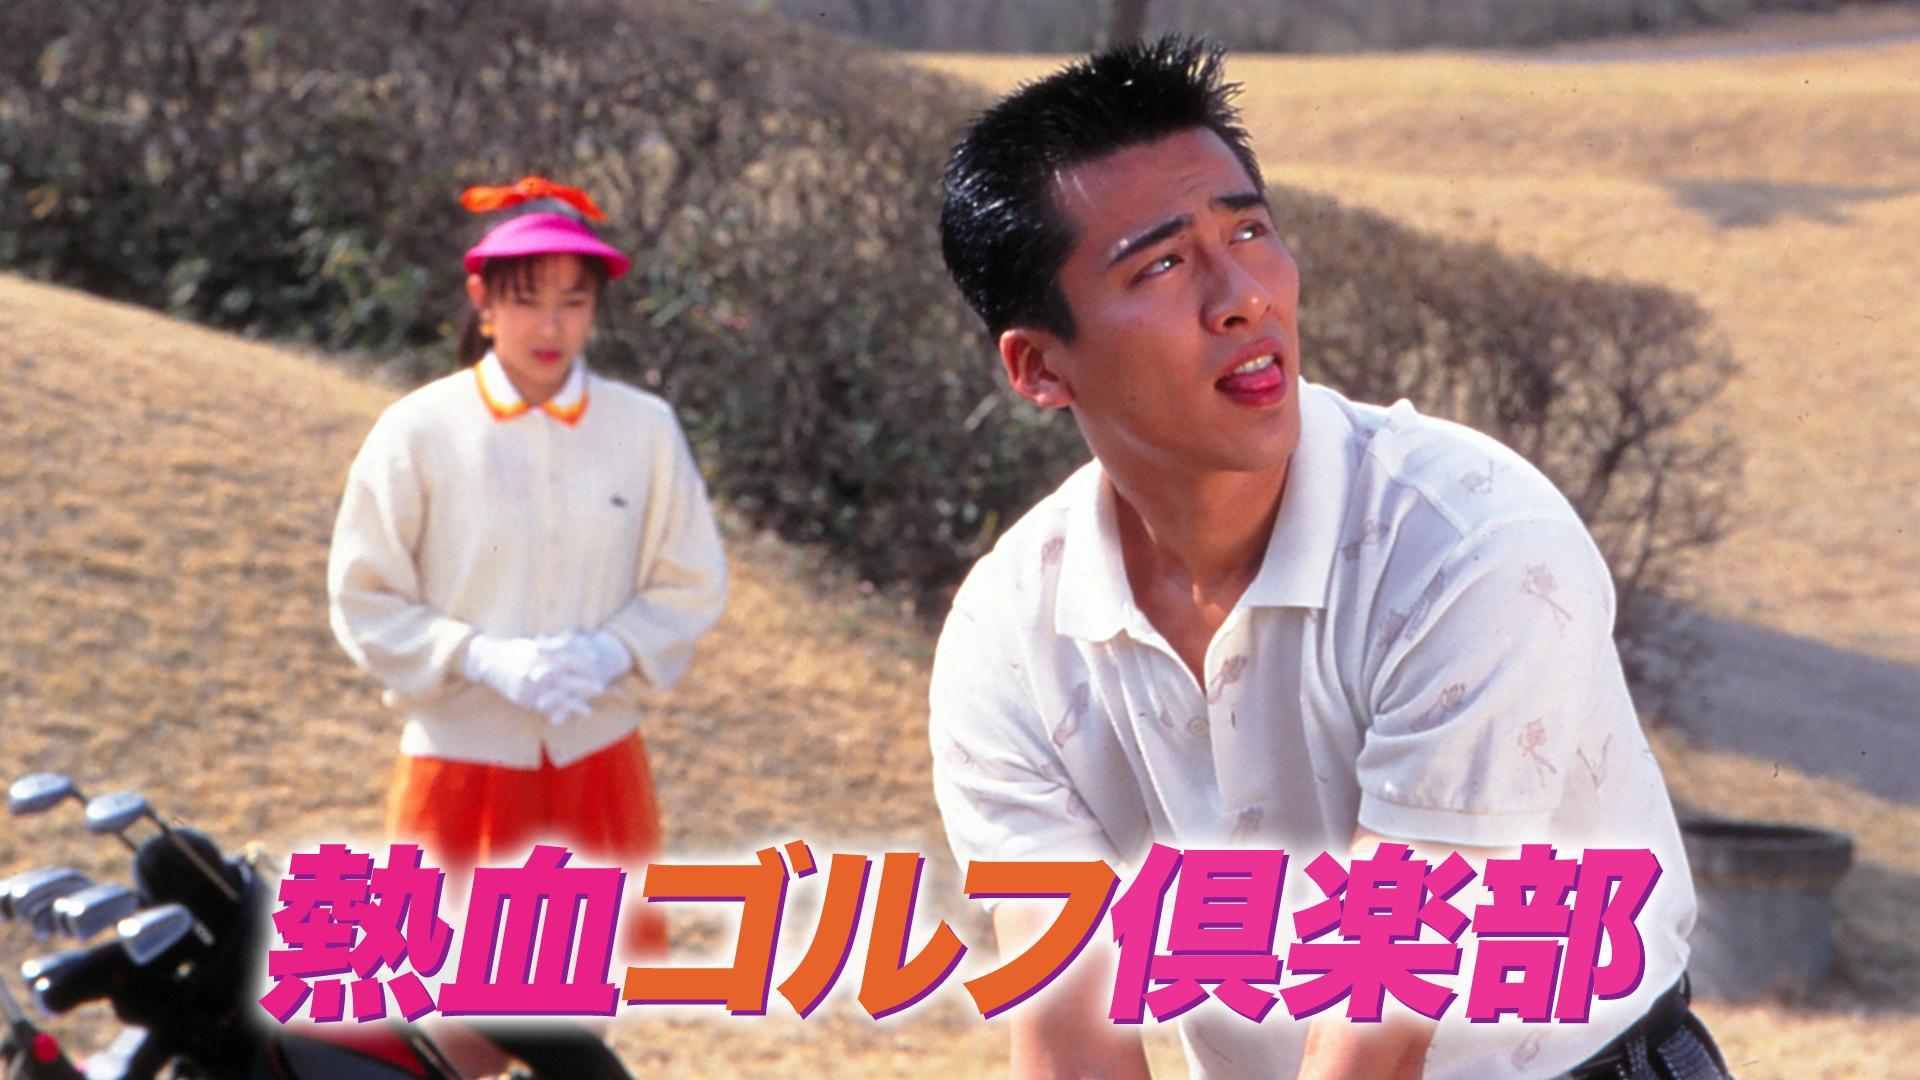 熱血ゴルフ倶楽部